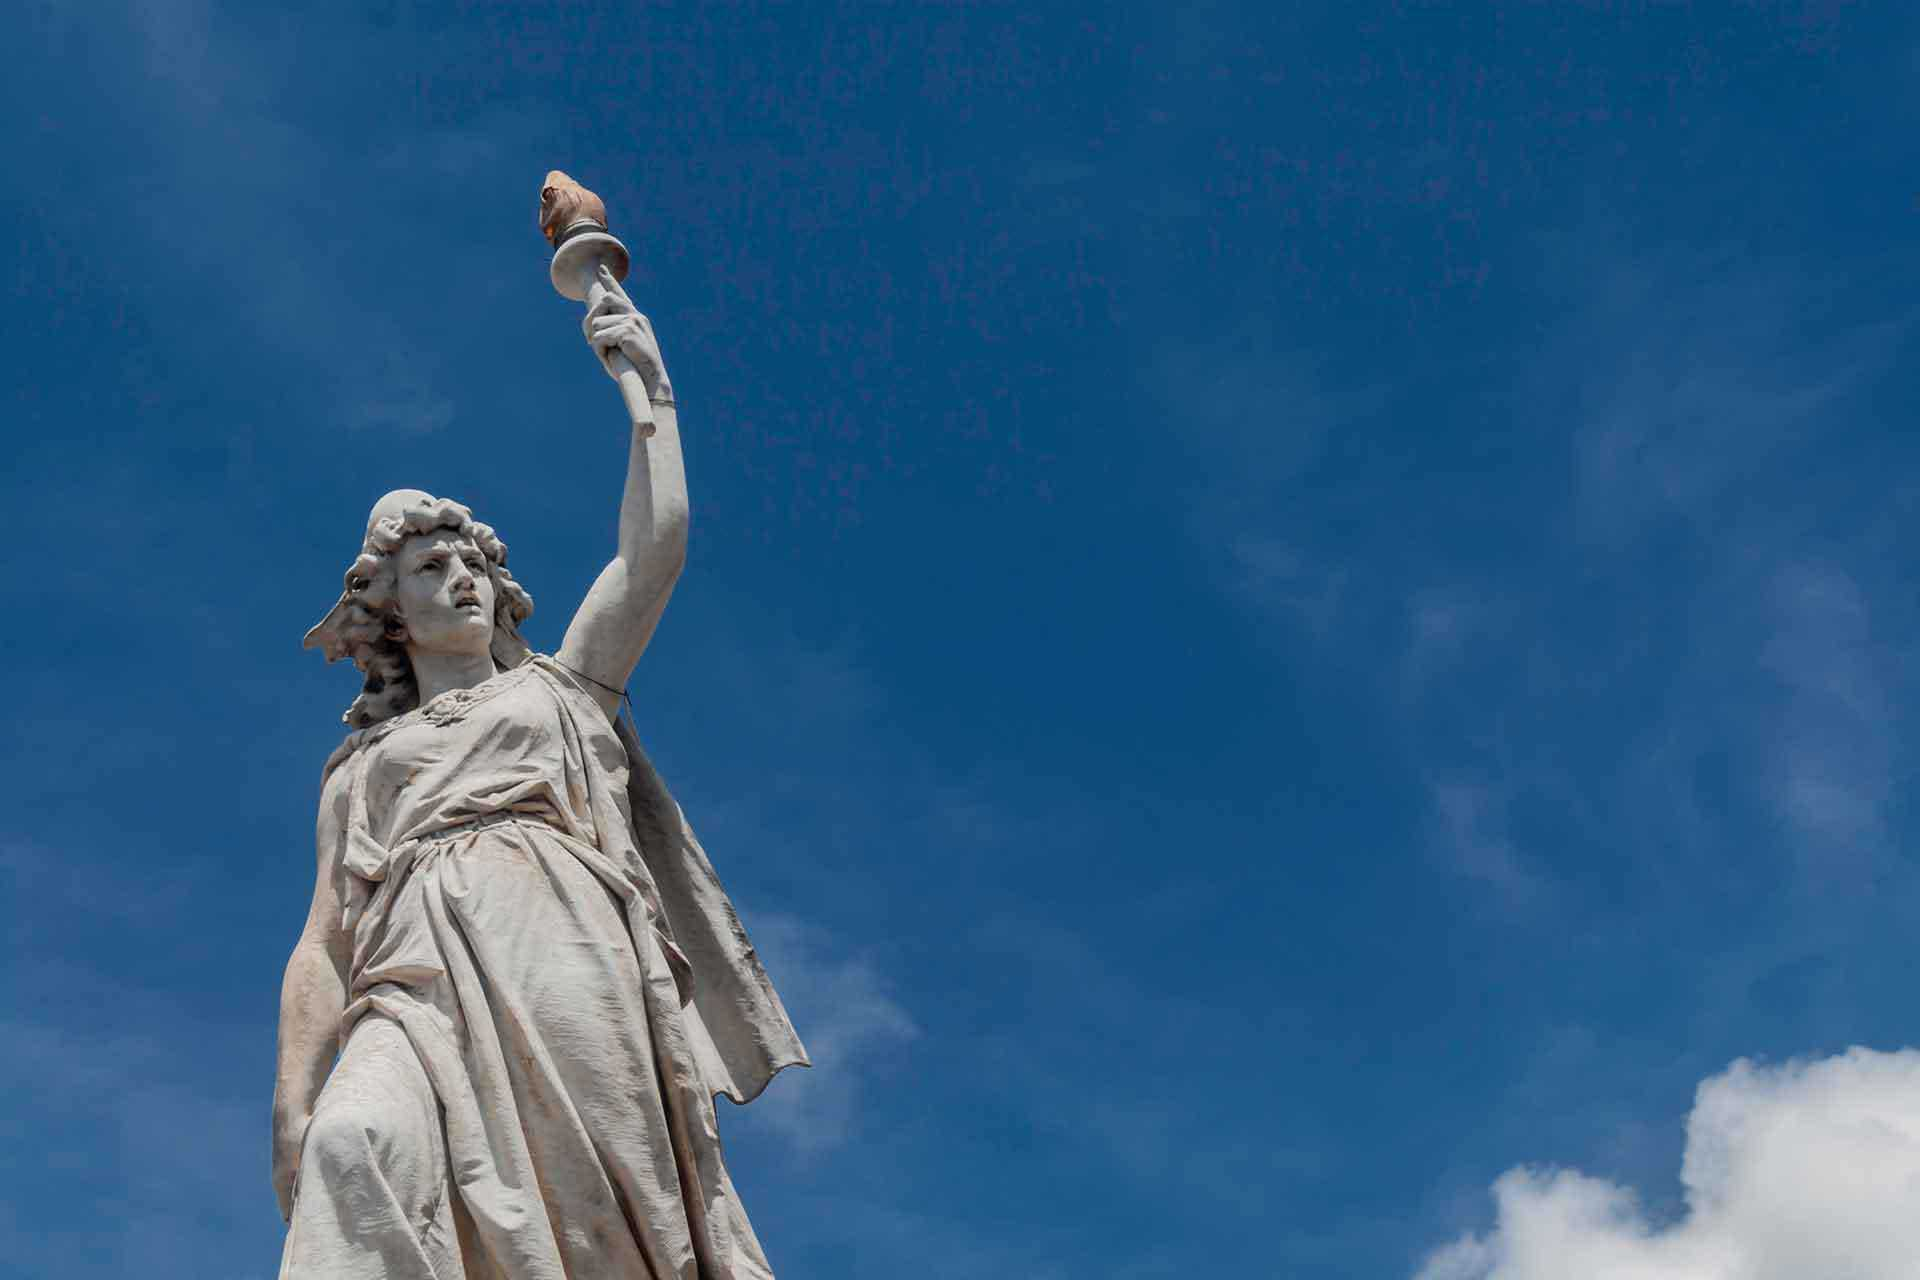 remedios statue de la liberte cuba autrement